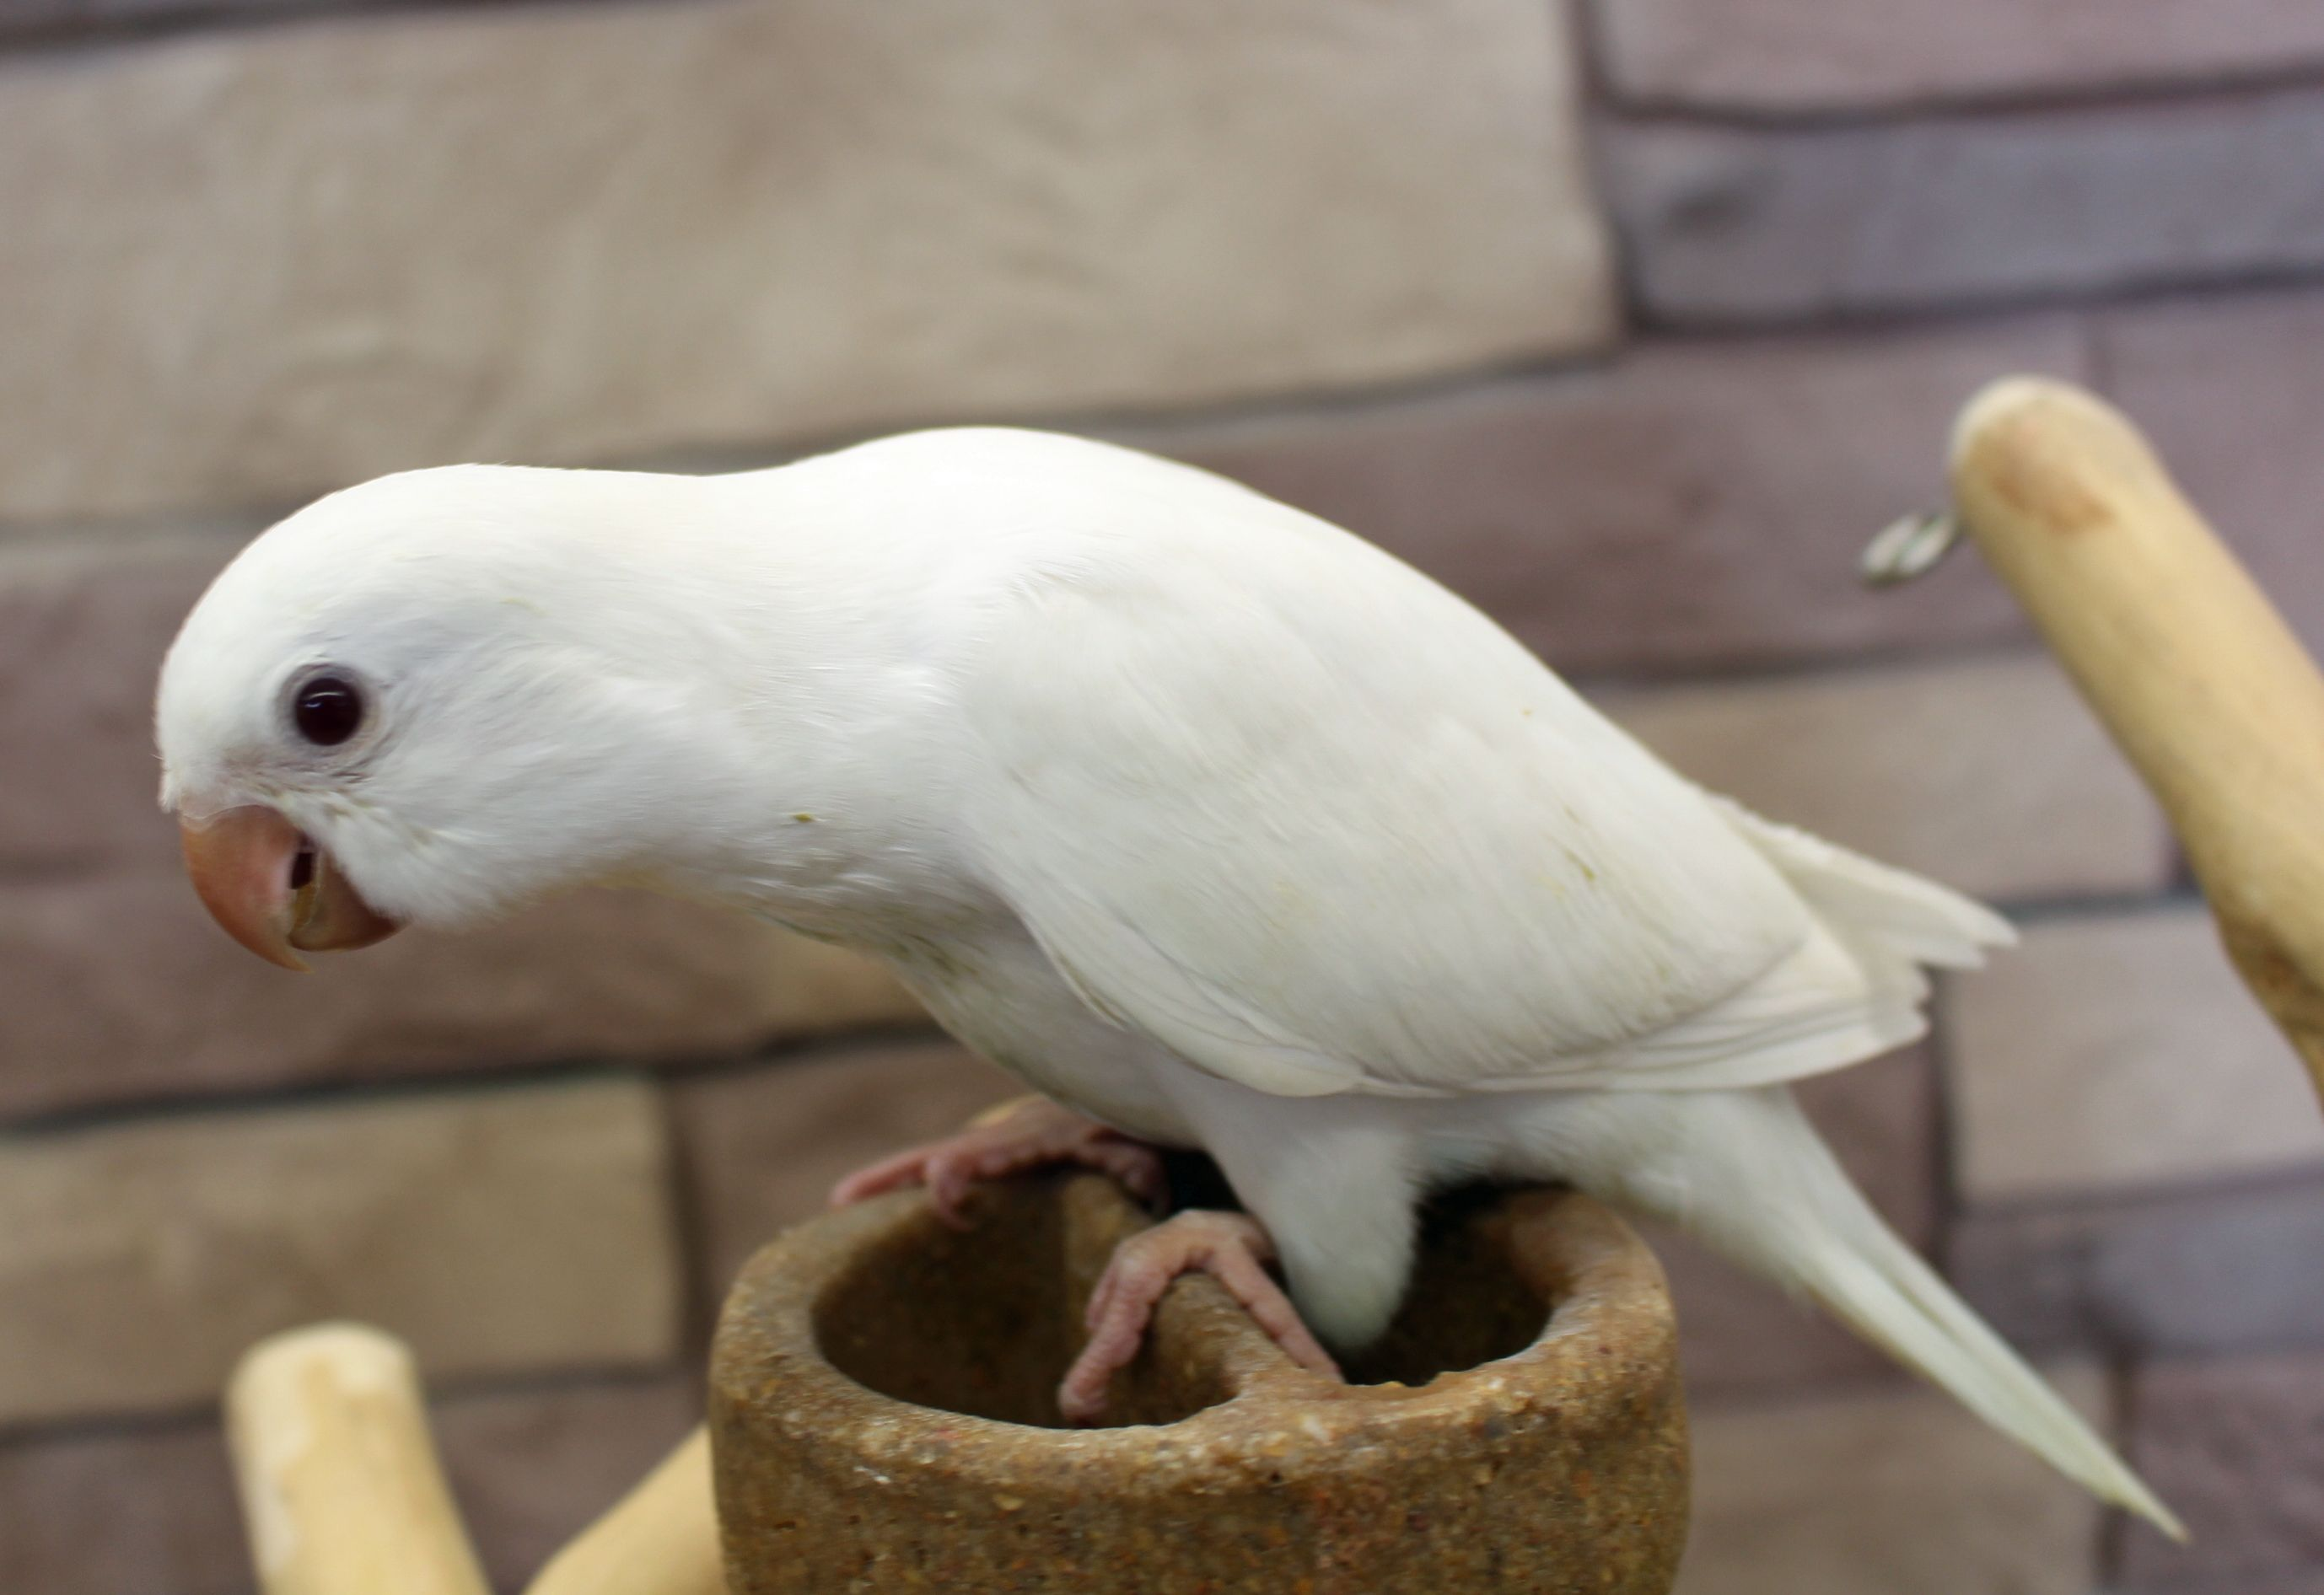 White Baby Parakeet White Quaker Parrot ht...